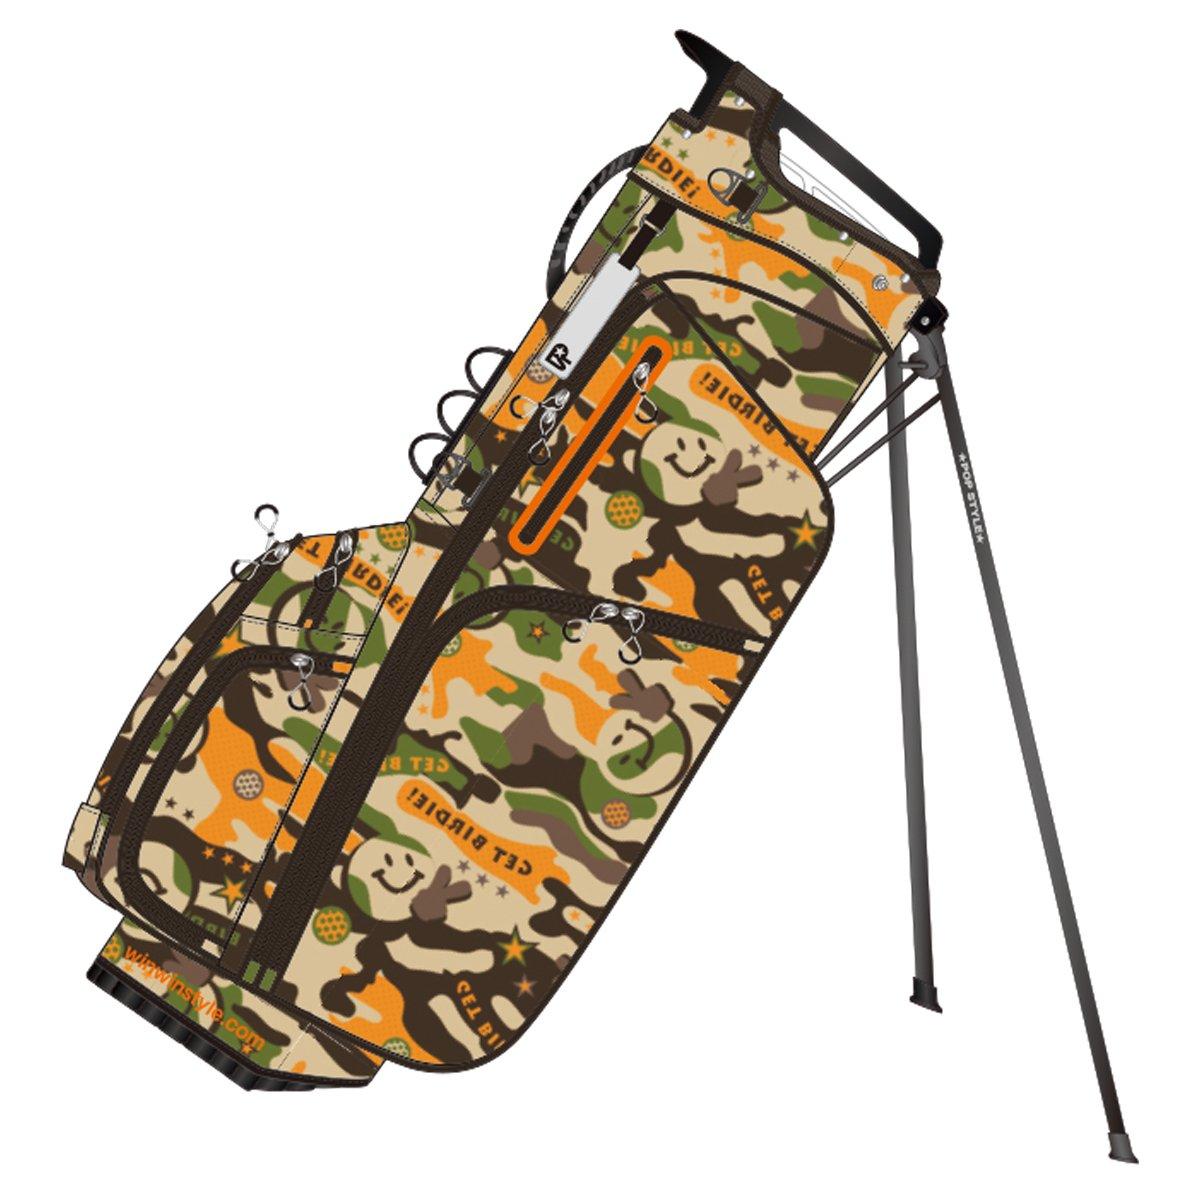 WINWIN STYLE(ウィンウィンスタイル) キャディーバッグ PS SPORTS GET BIRDIE ! Light Weight Stand Bag 9.0型 47インチ対応 ユニセックス CB-901 ブラウン デザイン:総プリント加工   B07B4CFMHG